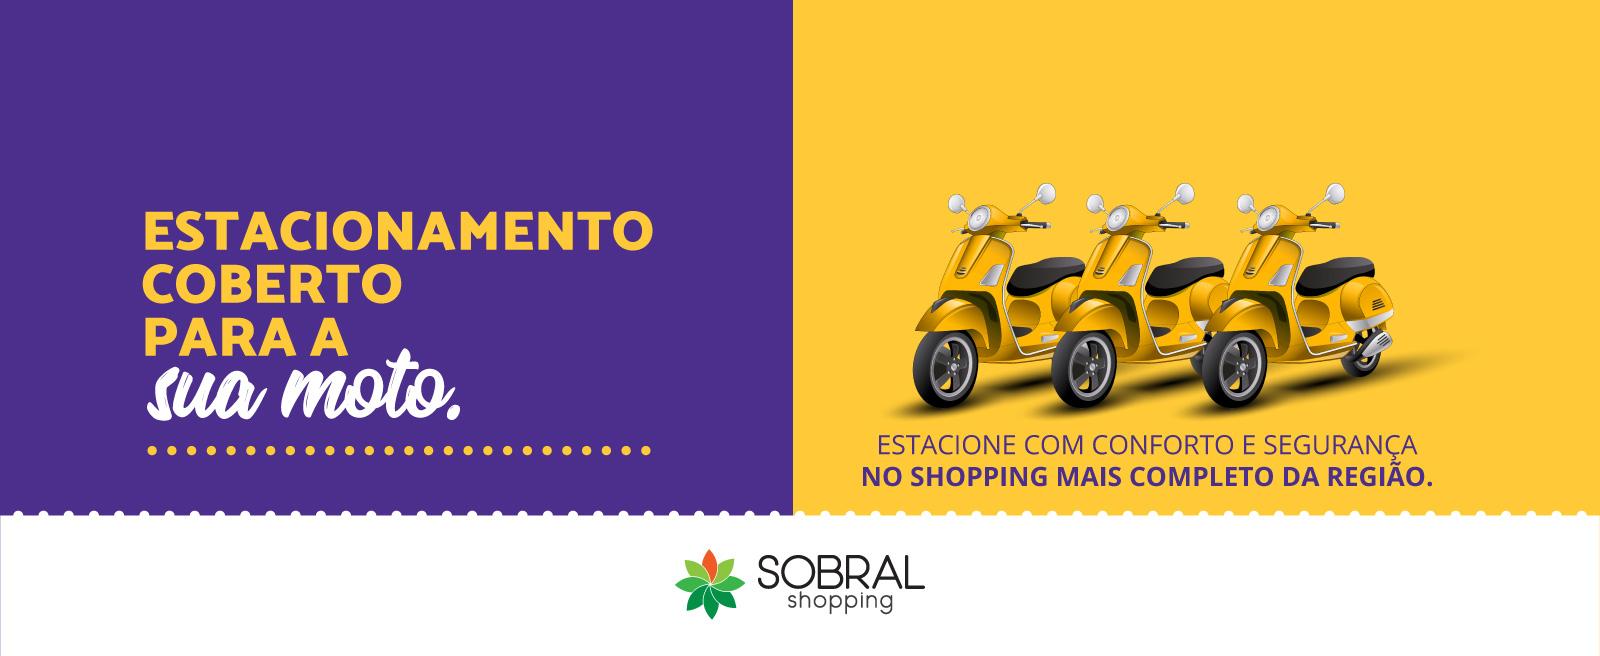 0f8378a1b Sobral Shopping | Acontece | Exposição em homenagem aos 40 anos do ...